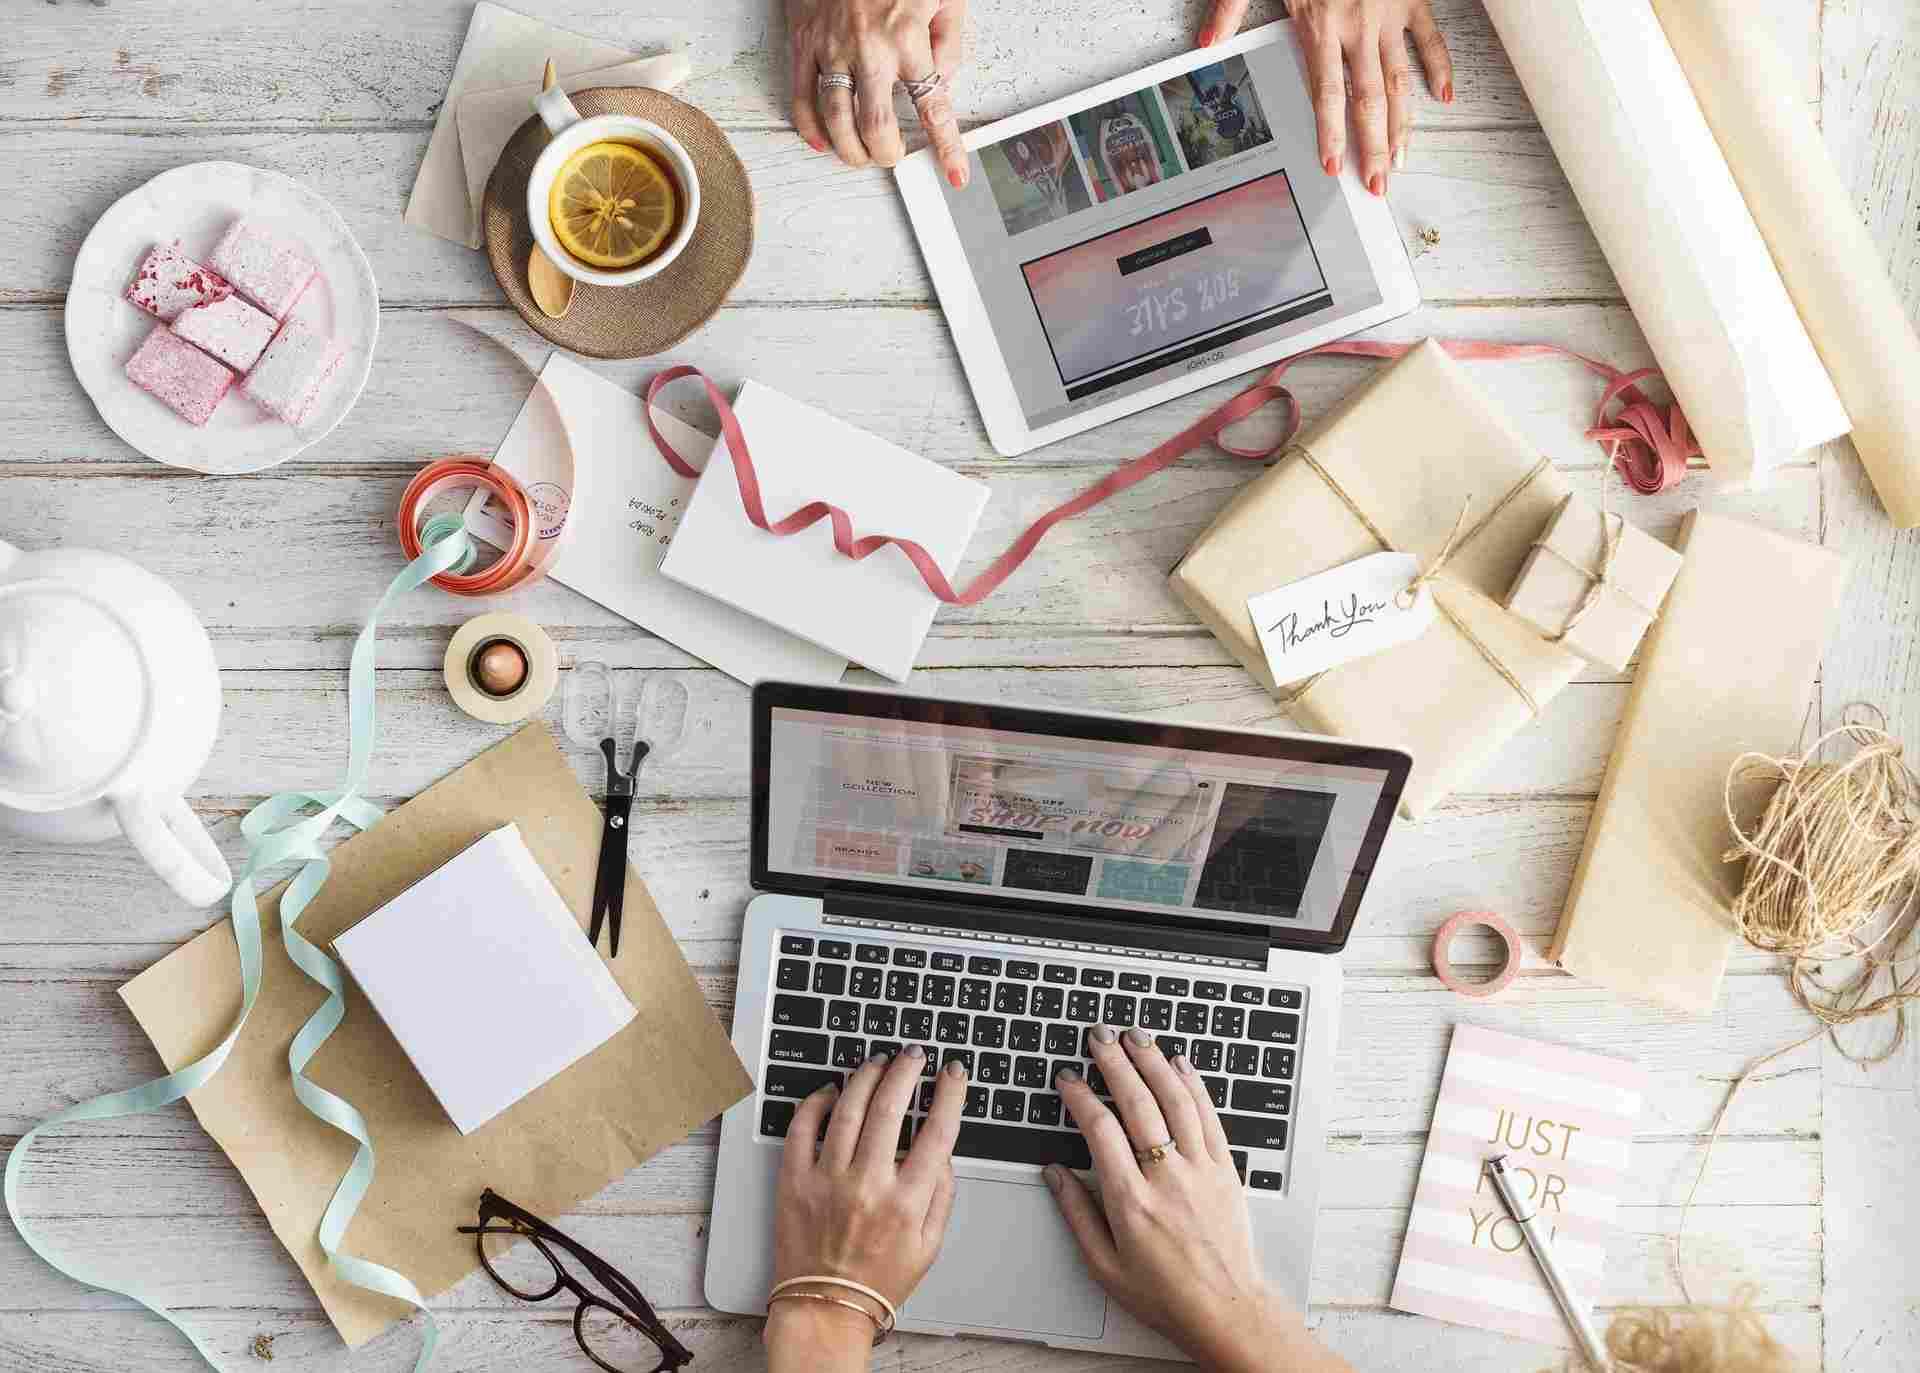 Il Prosumer genera contenuti tramite il web